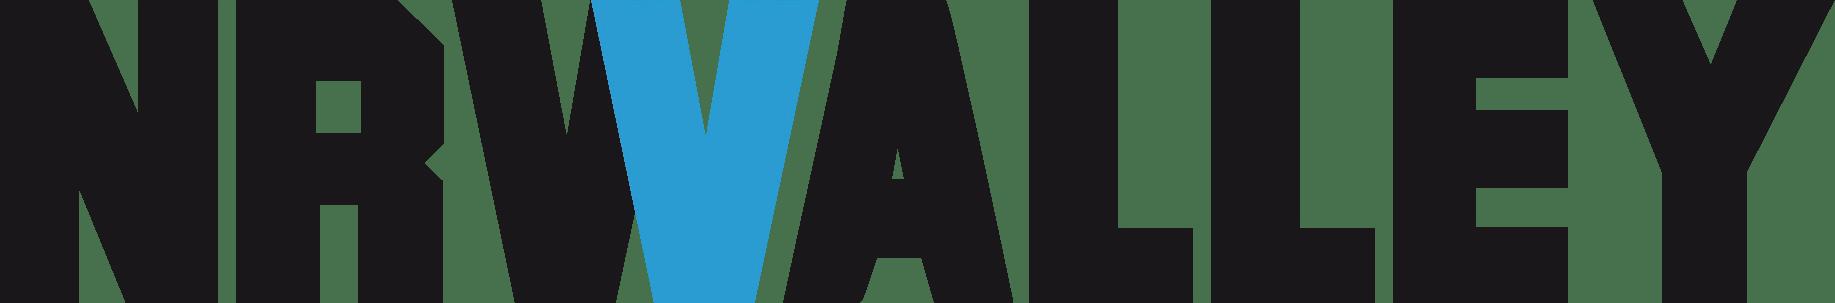 CMYK-Logo-schwarz-Hintergrund-transparent